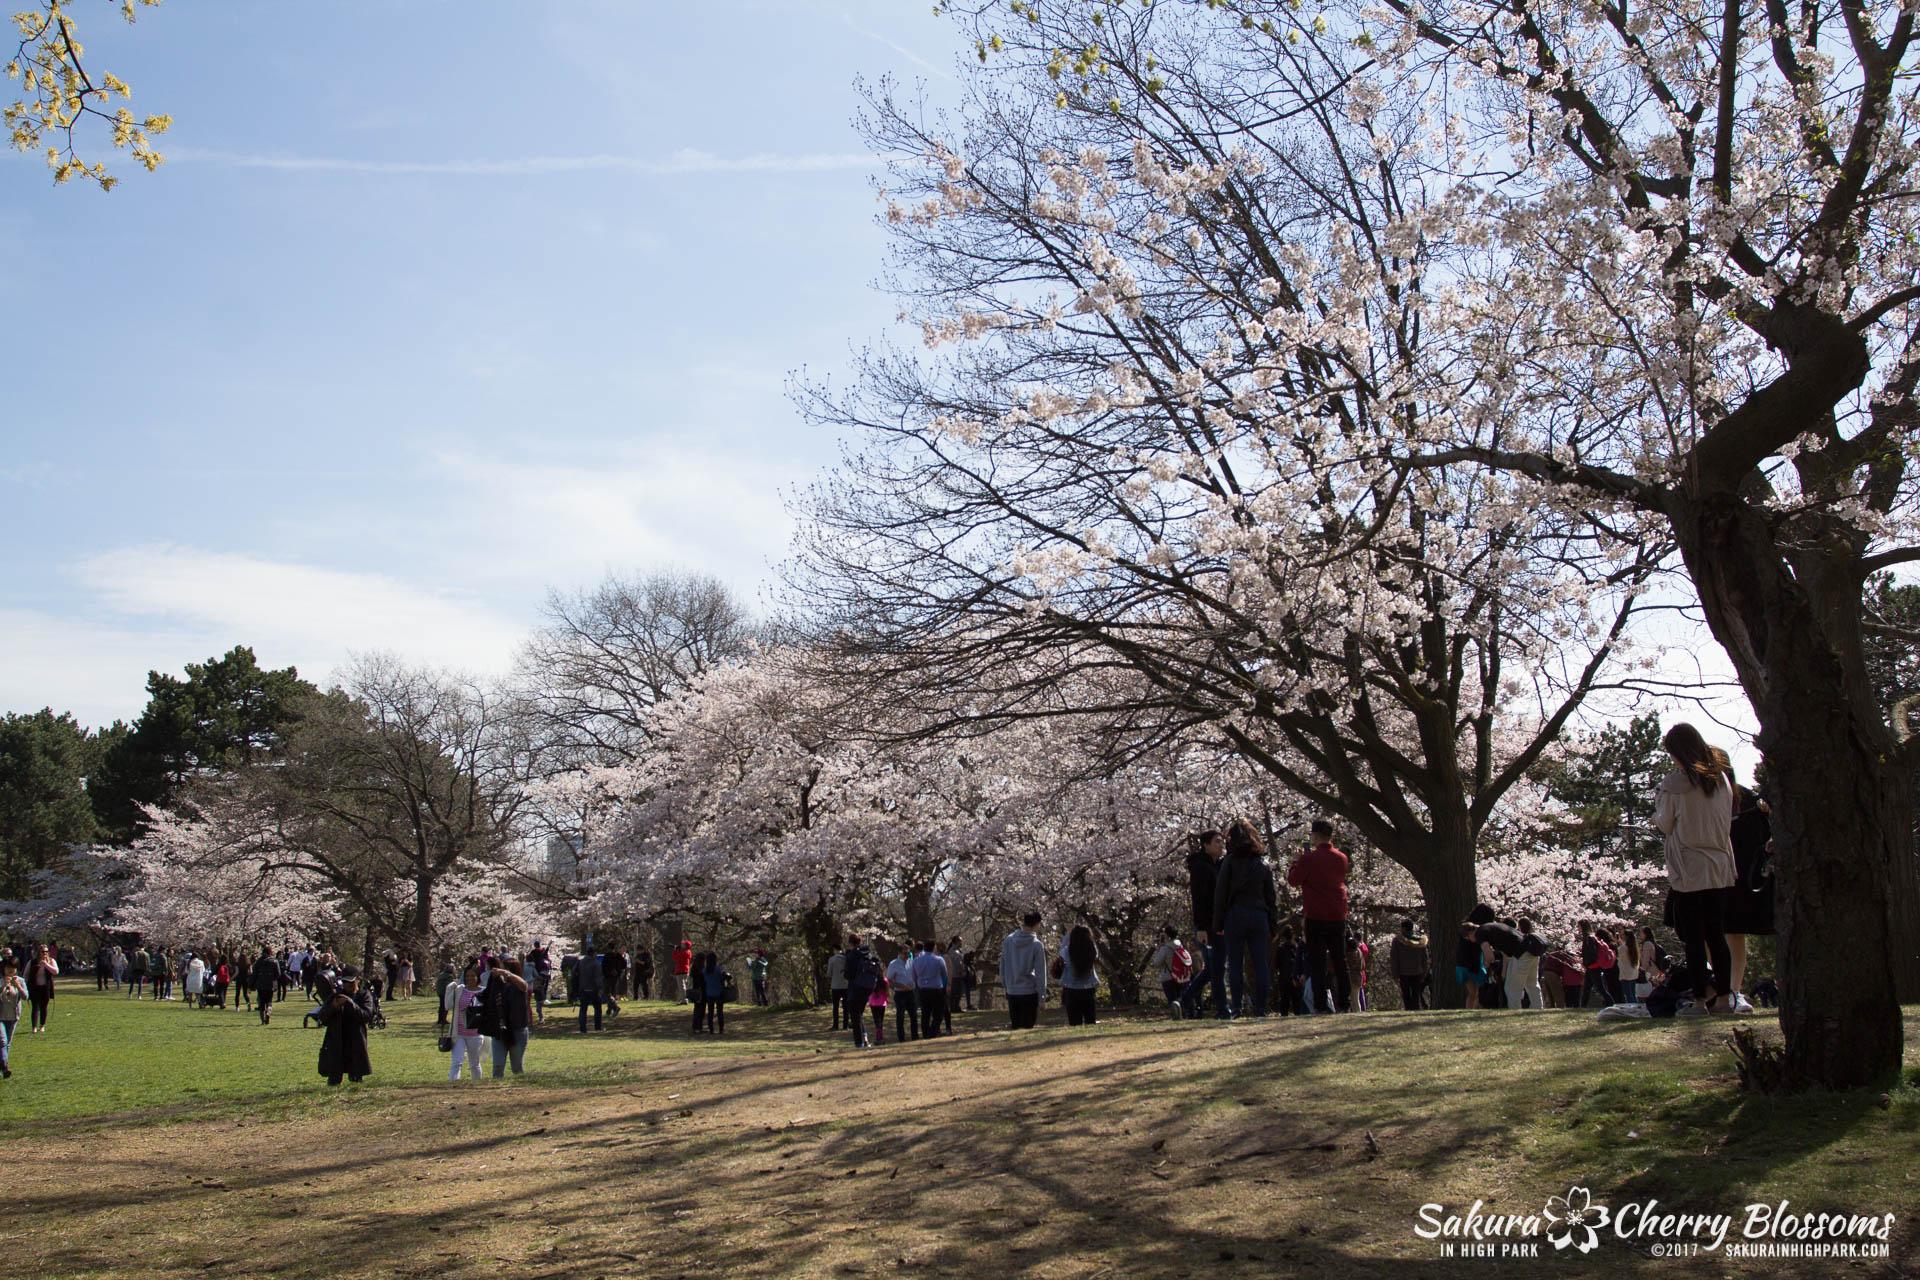 Sakura-Watch-April-28-2017-full-bloom-throughout-High-Park-5627.jpg